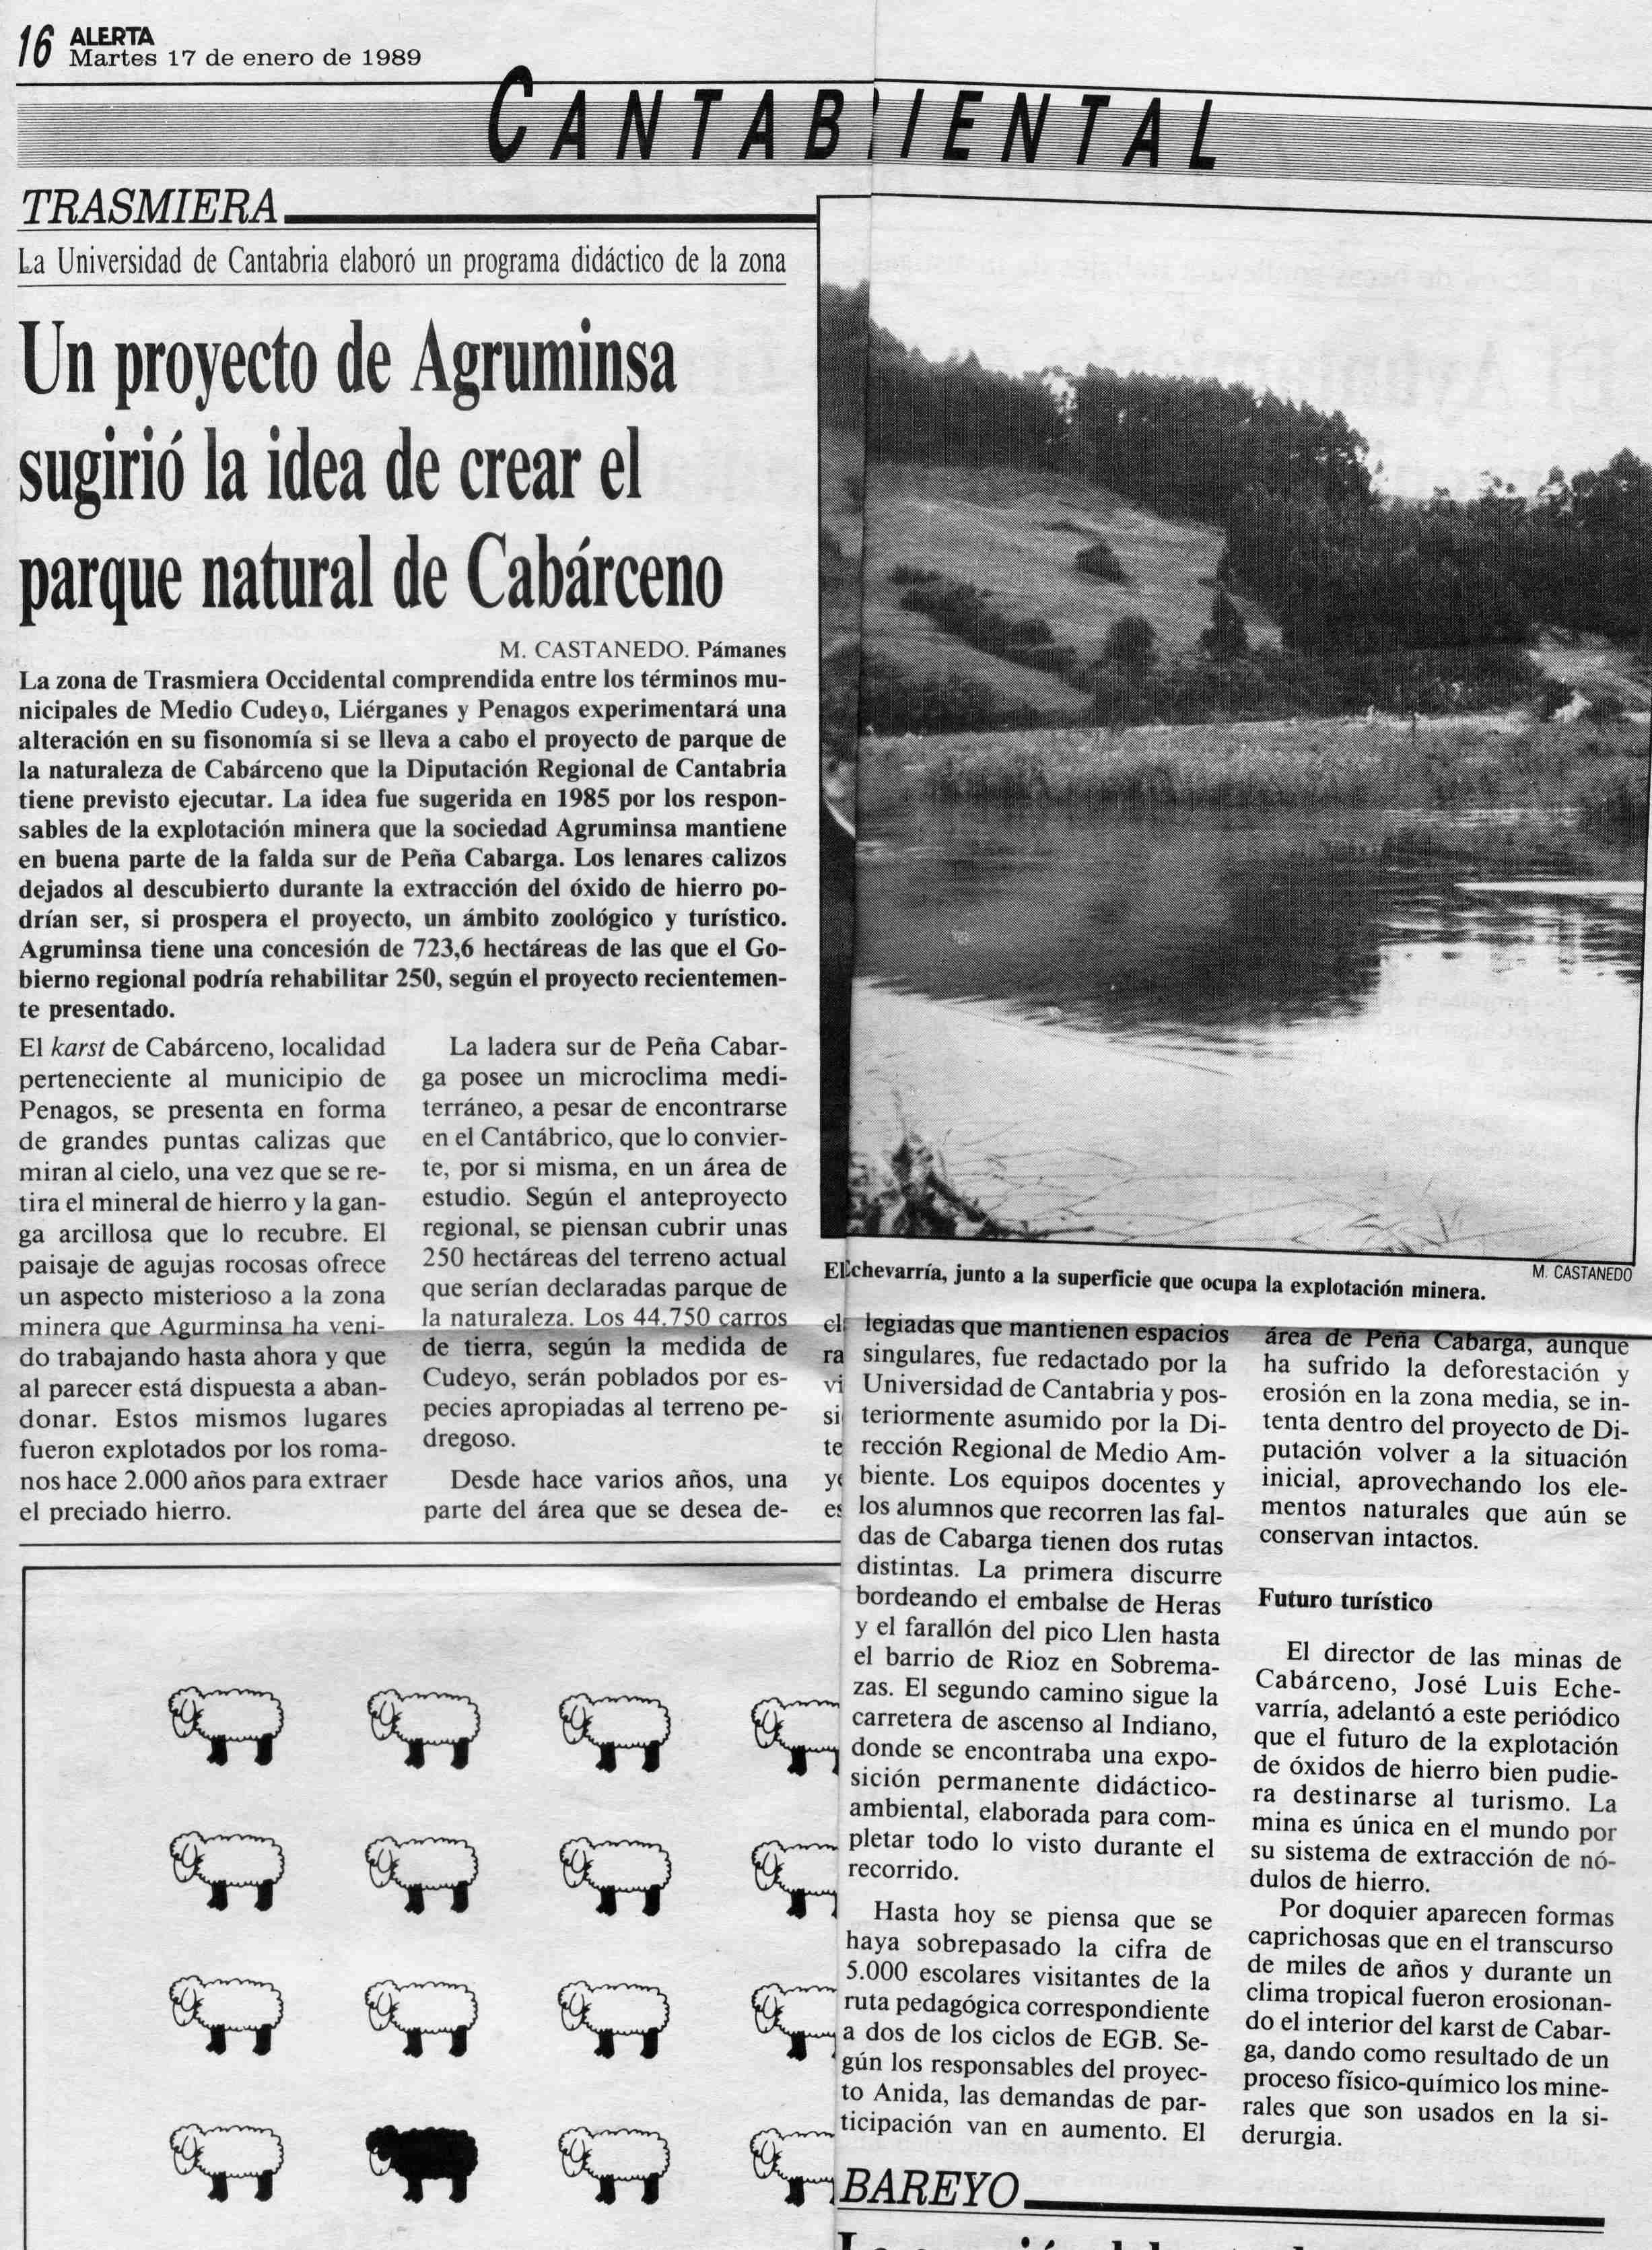 A los 25 años del Parque de Cabárceno: Un proyecto de los ingenieros de Agruminsa permitió eludir a la empresa la restauración ambiental exigida por la Ley de Minas ante el inminente fin de la concesión